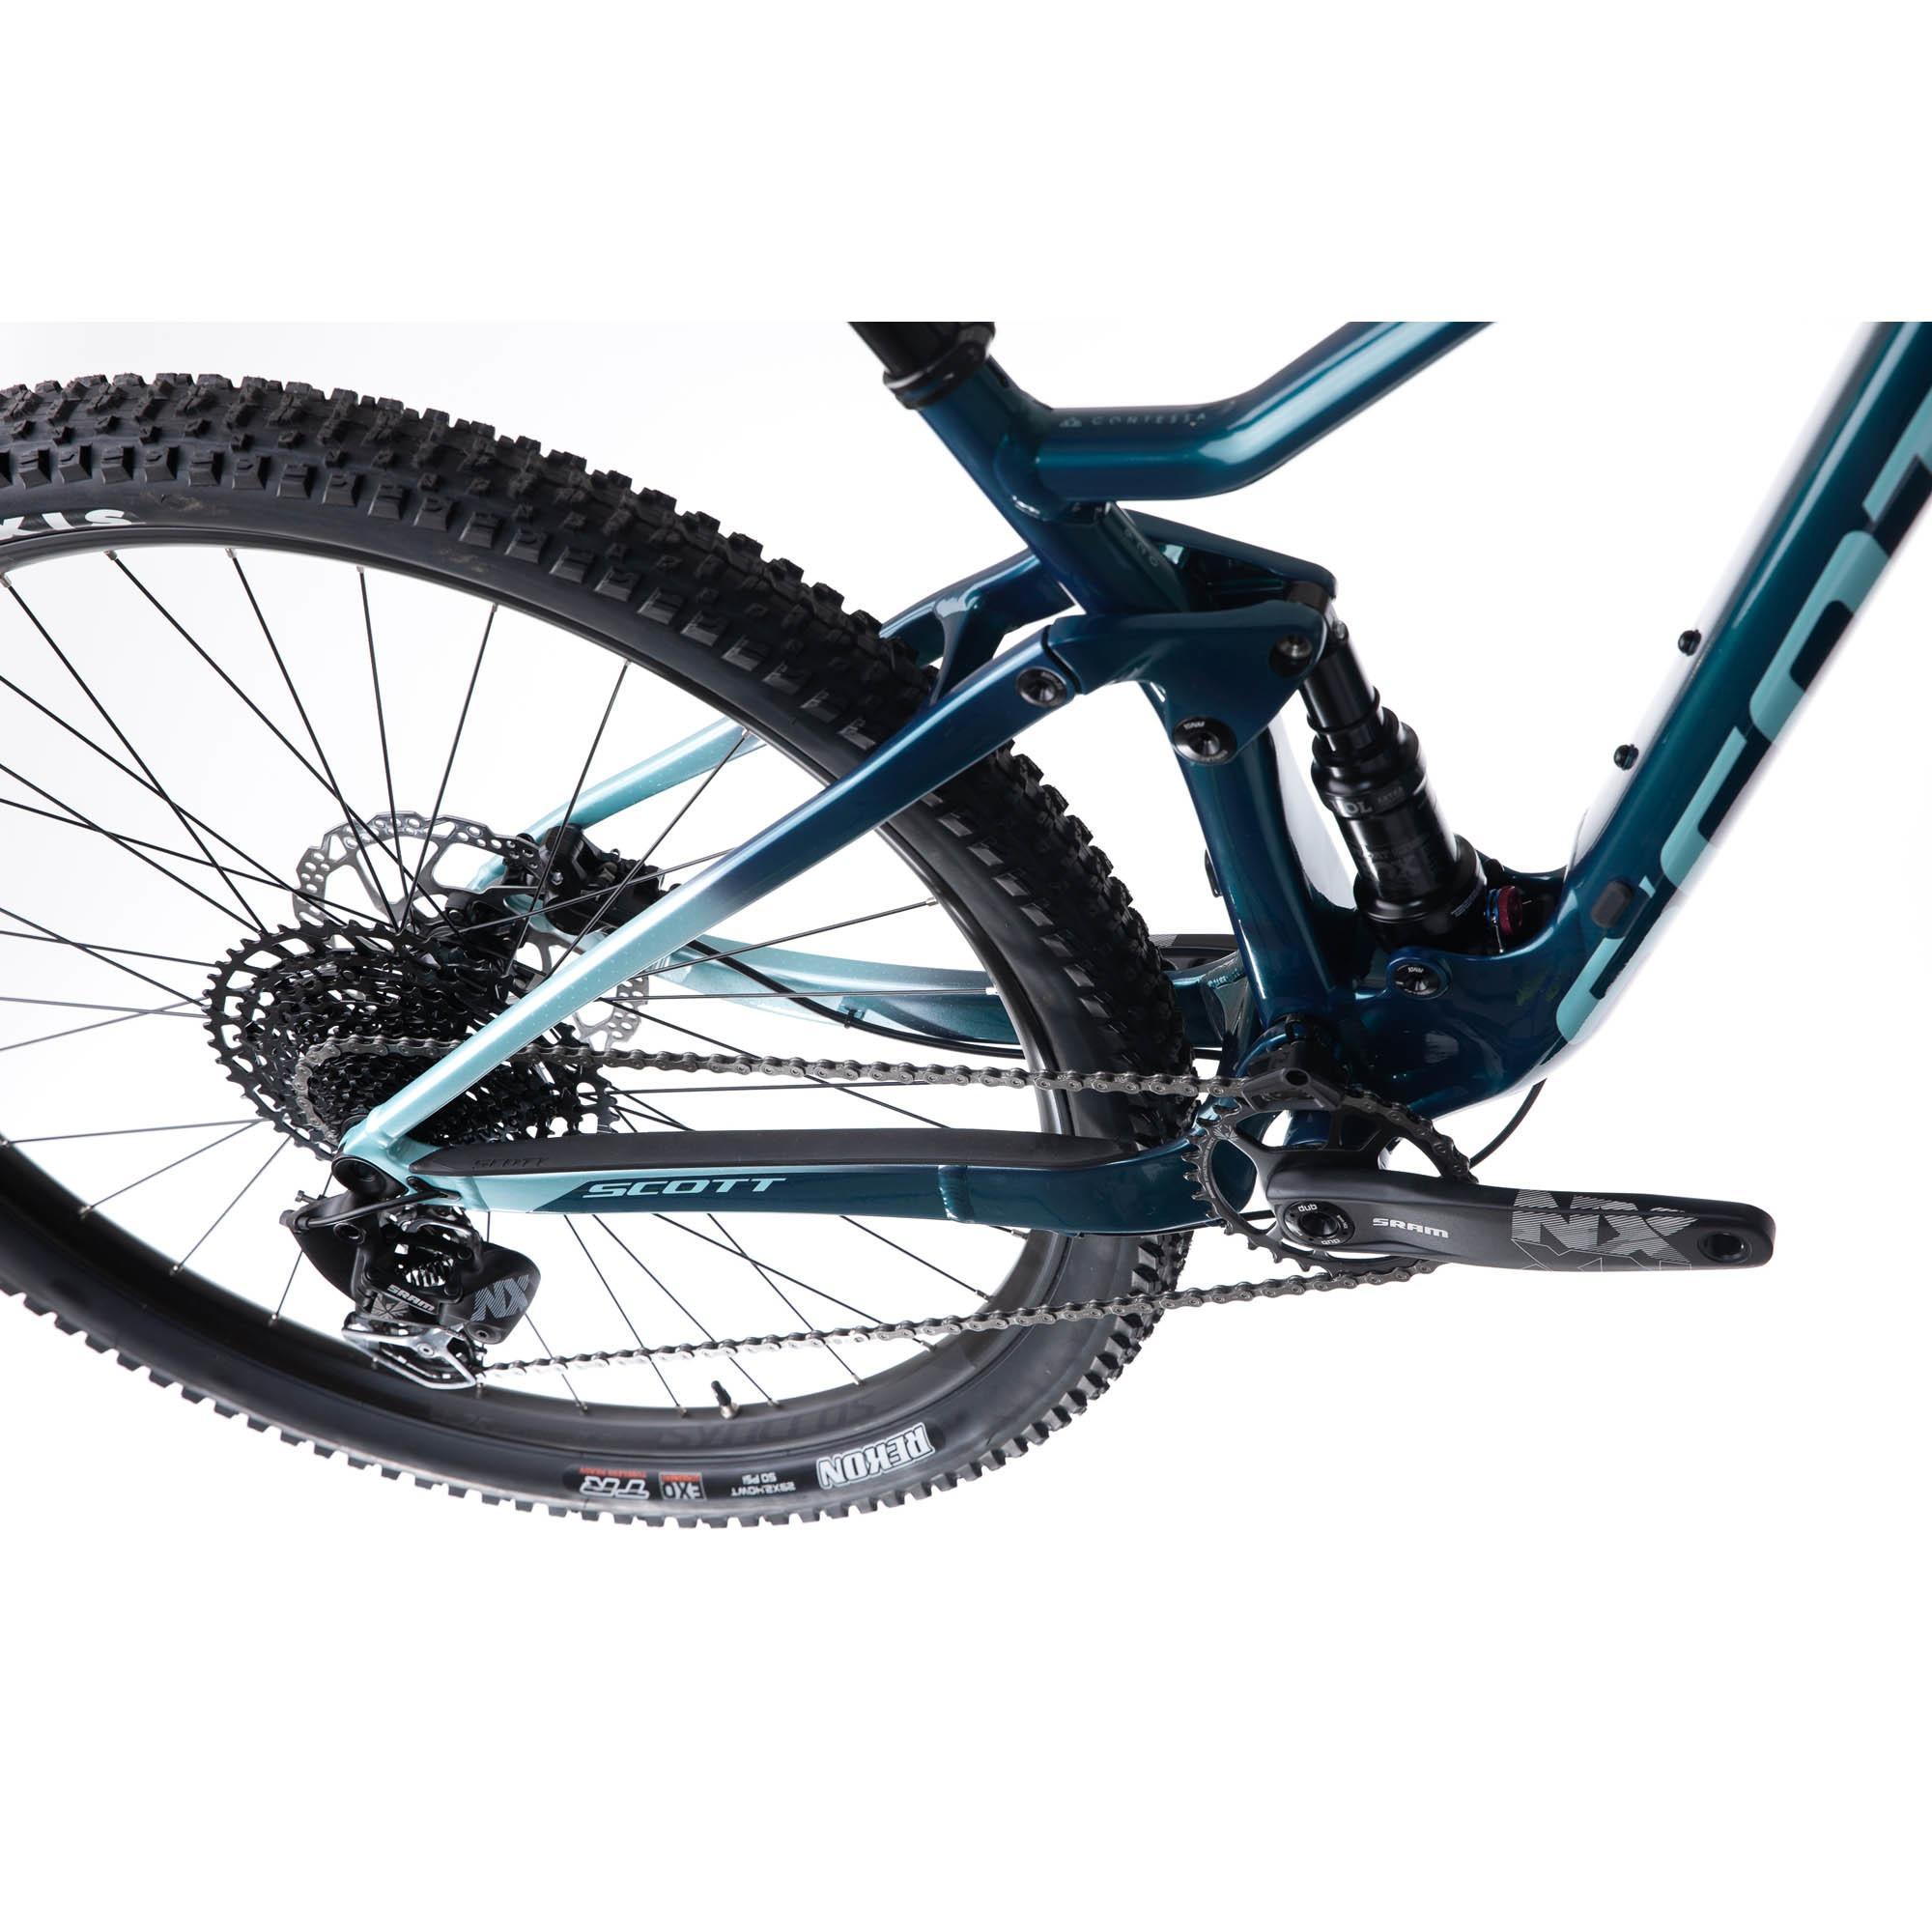 Scott Spark 920 29 Mountain Bike 2020   Tredz Bikes